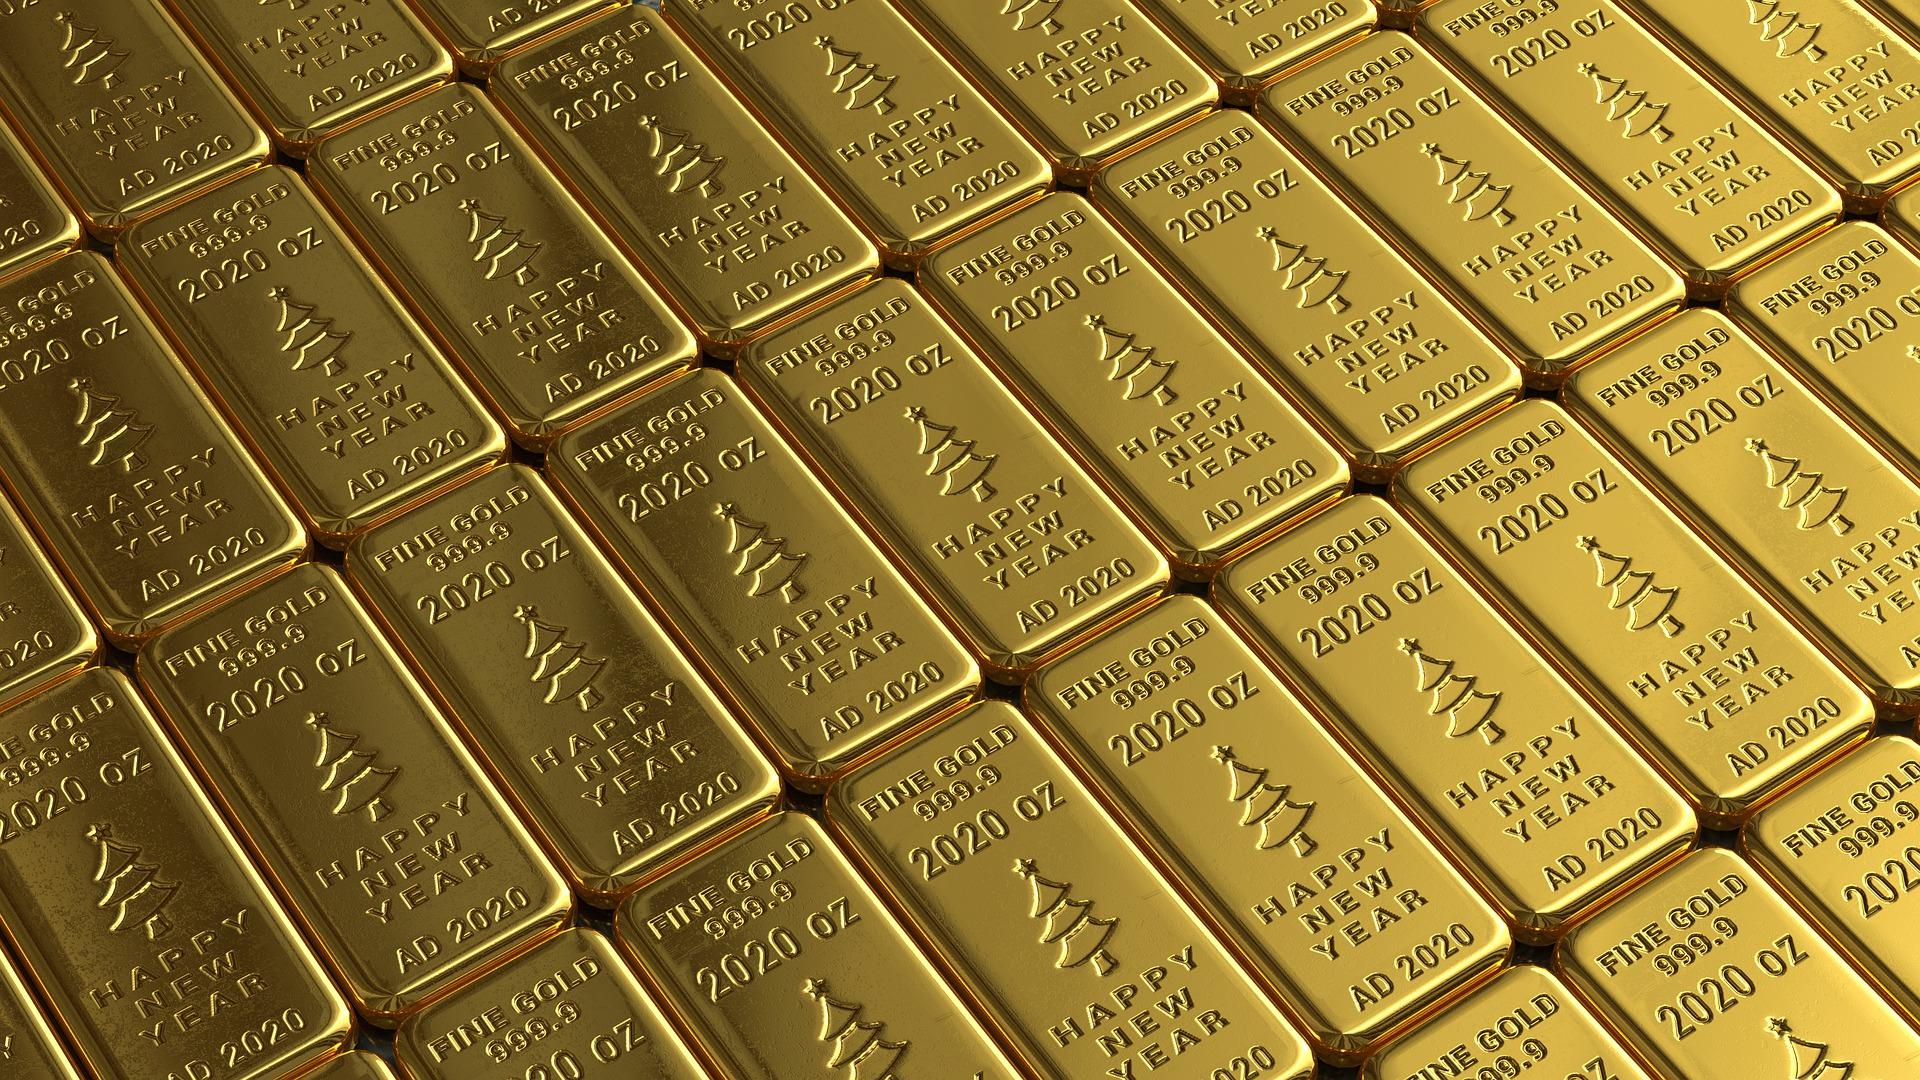 Bitcoin résout ce problème : 2,8 milliards de dollars d'or contrefaits par une entreprise chinoise de Wuhan